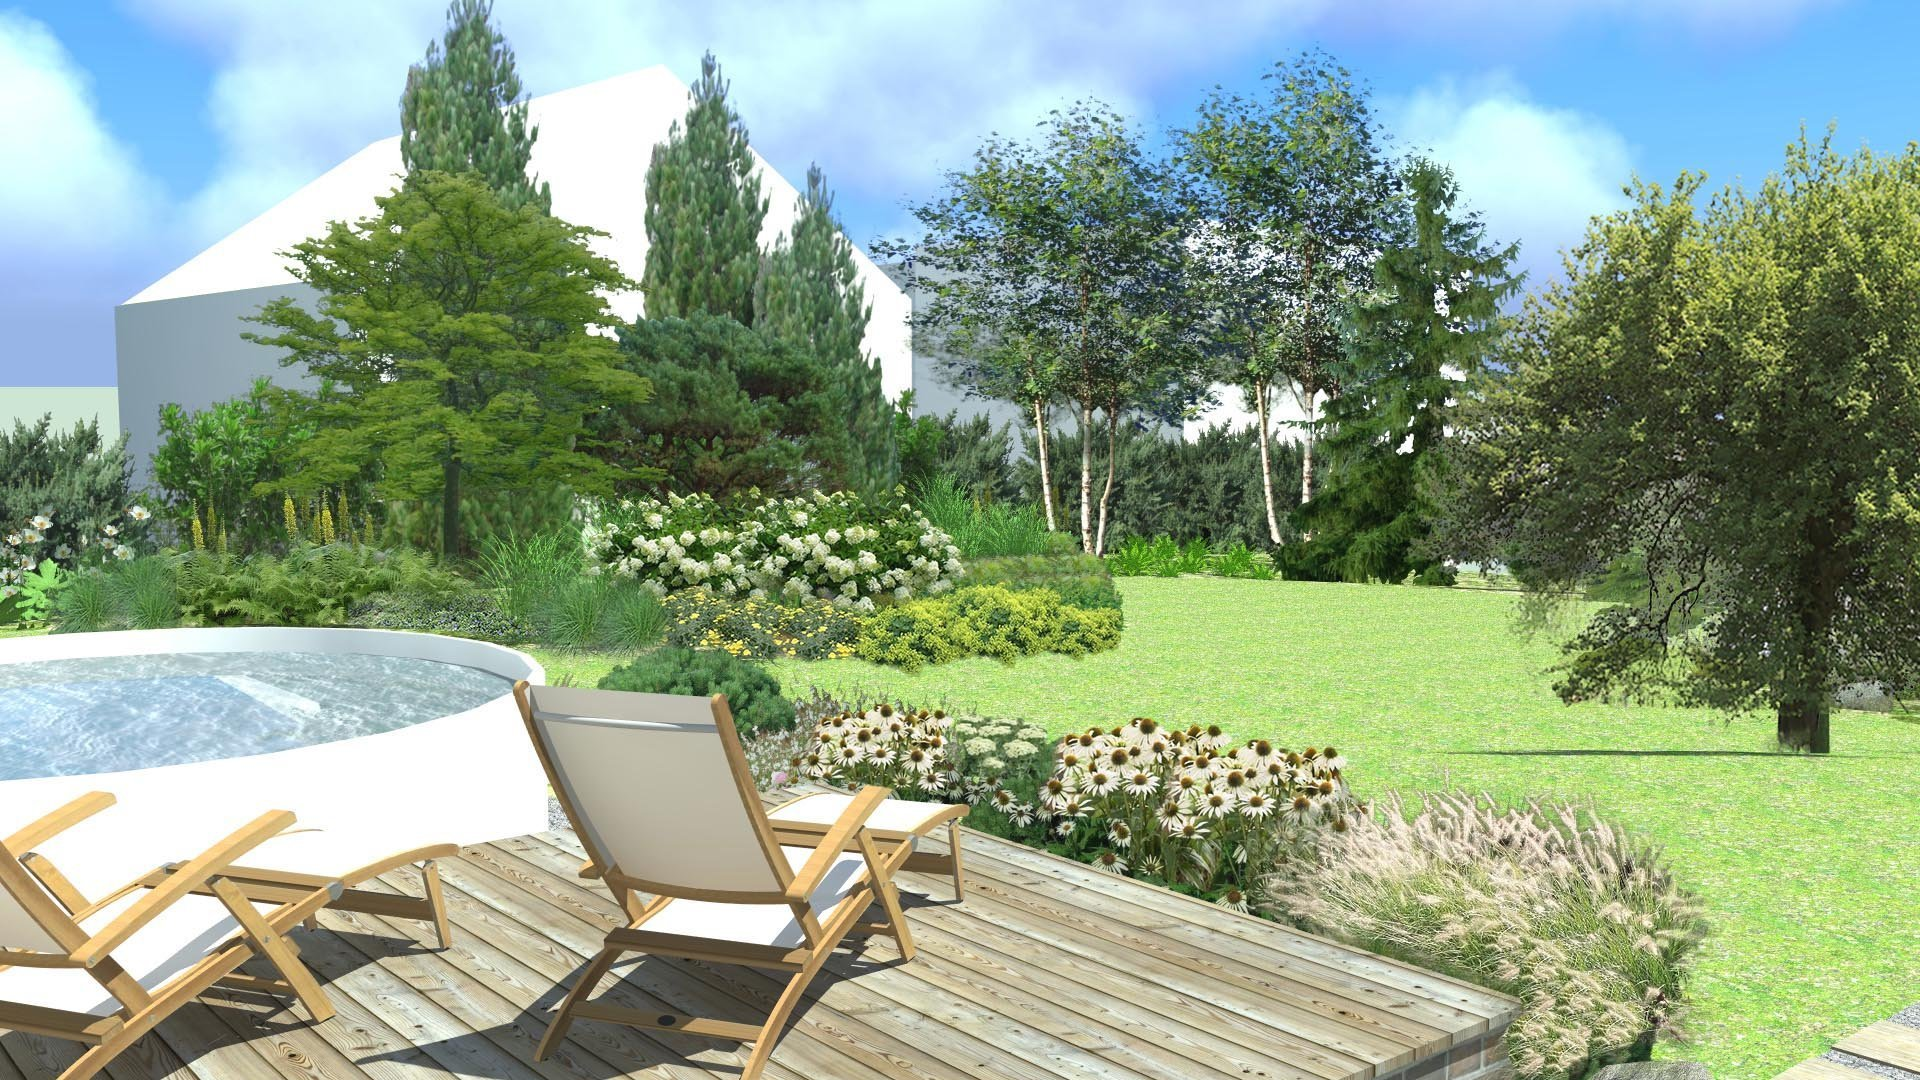 Zahrada v Podještí se nachází na maloměstě a majitelka si přála mít zahradu s pasážemi i hodně přírodními, což jí návrh zahrady splnil především v okolí tůňky.…